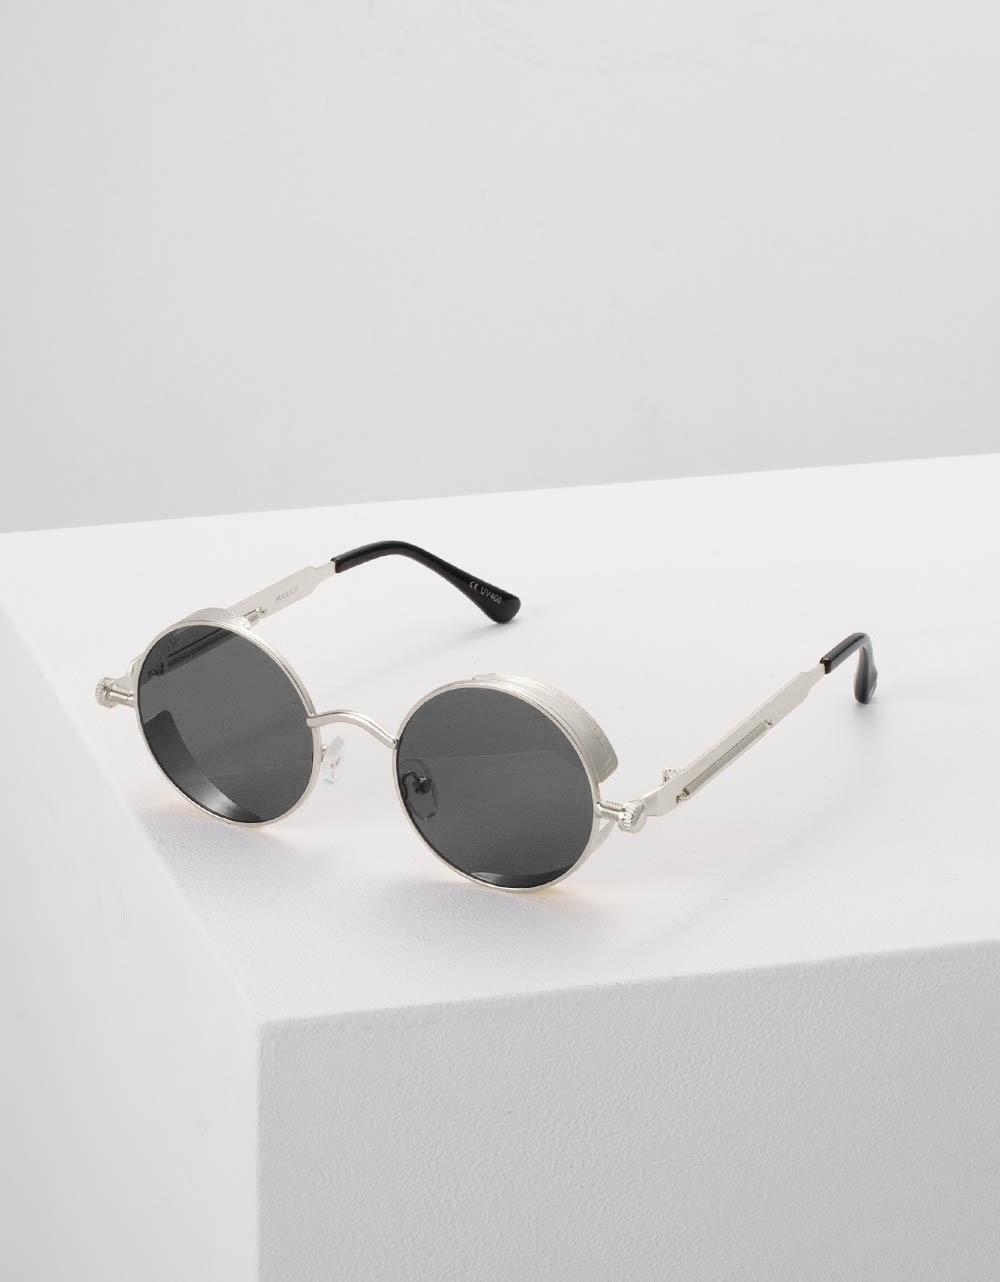 Εικόνα από Γυναικεία γυαλιά ηλίου στρογγυλά Μαύρο